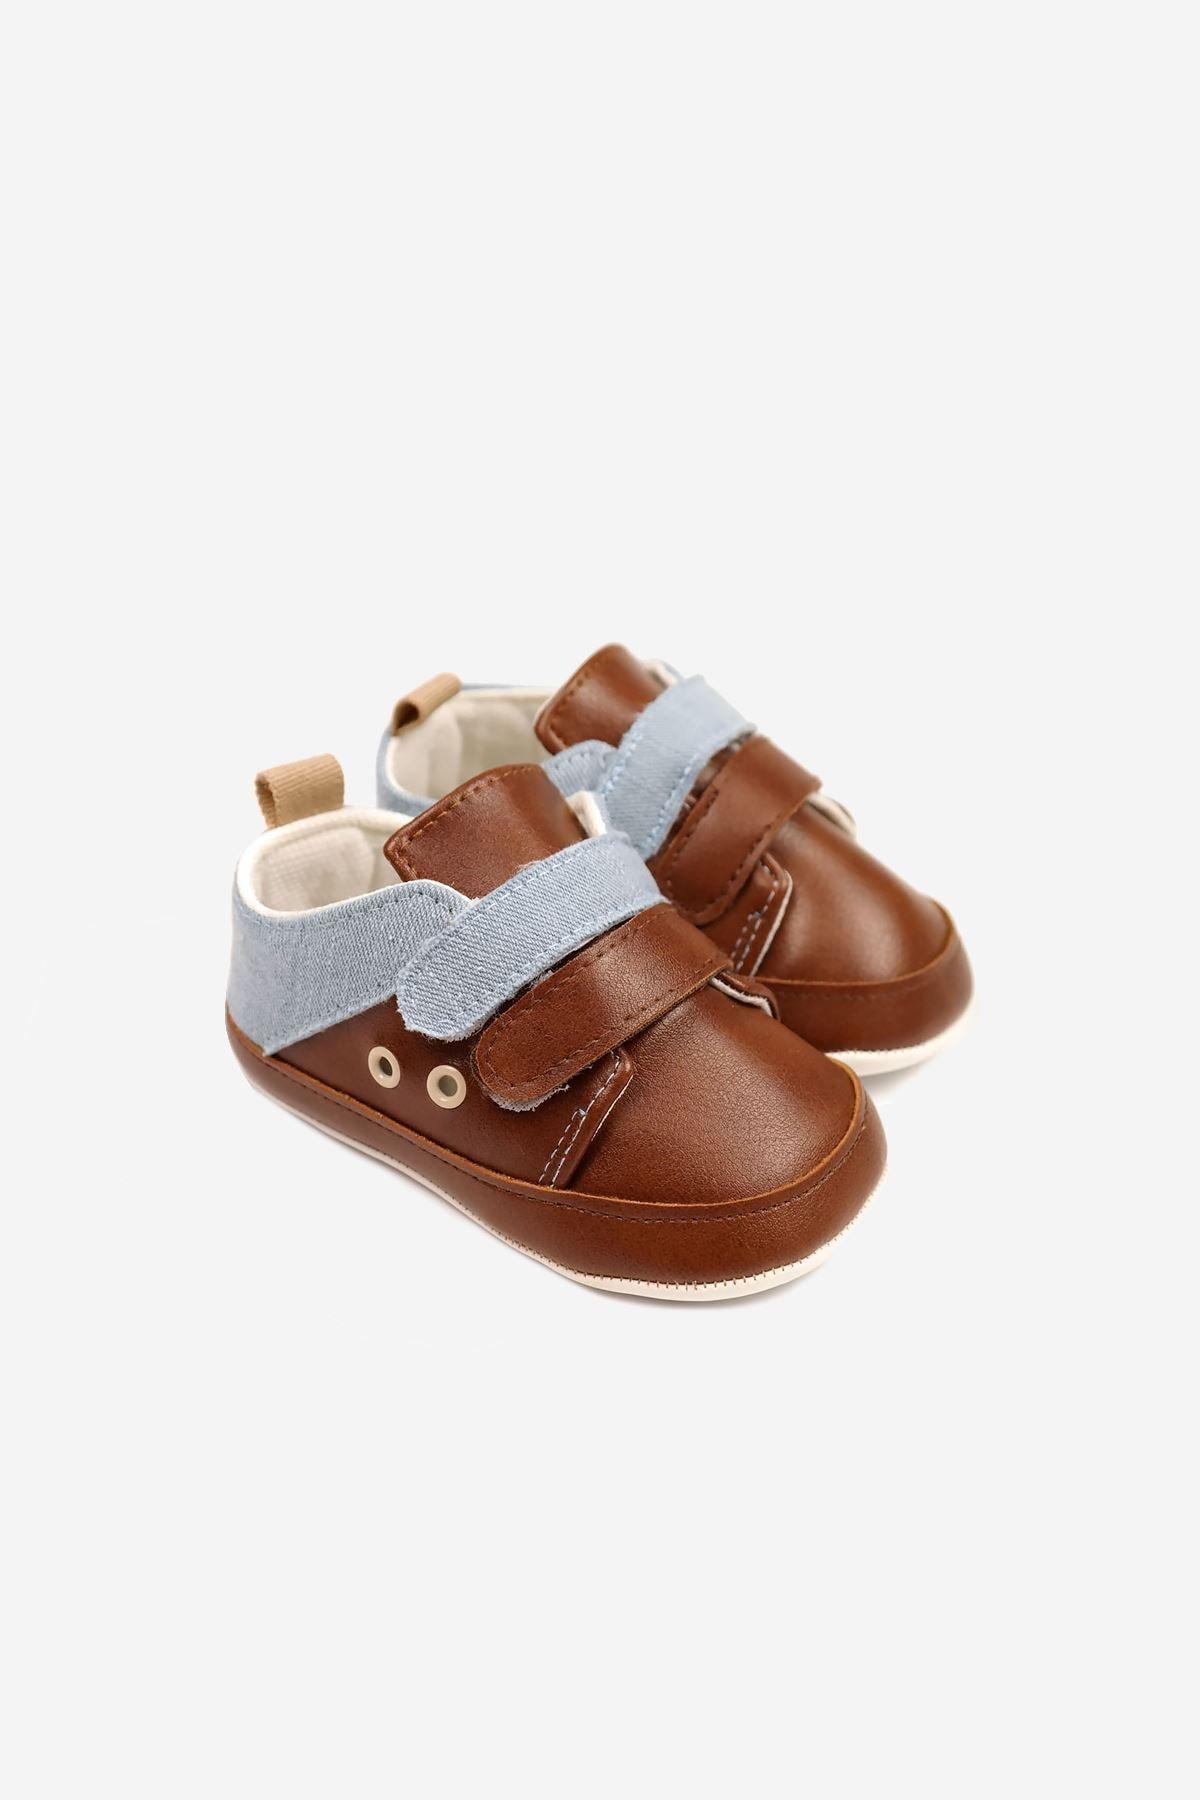 Funny Baby Çift Cırtlı Bebek Ayakkabısı 1